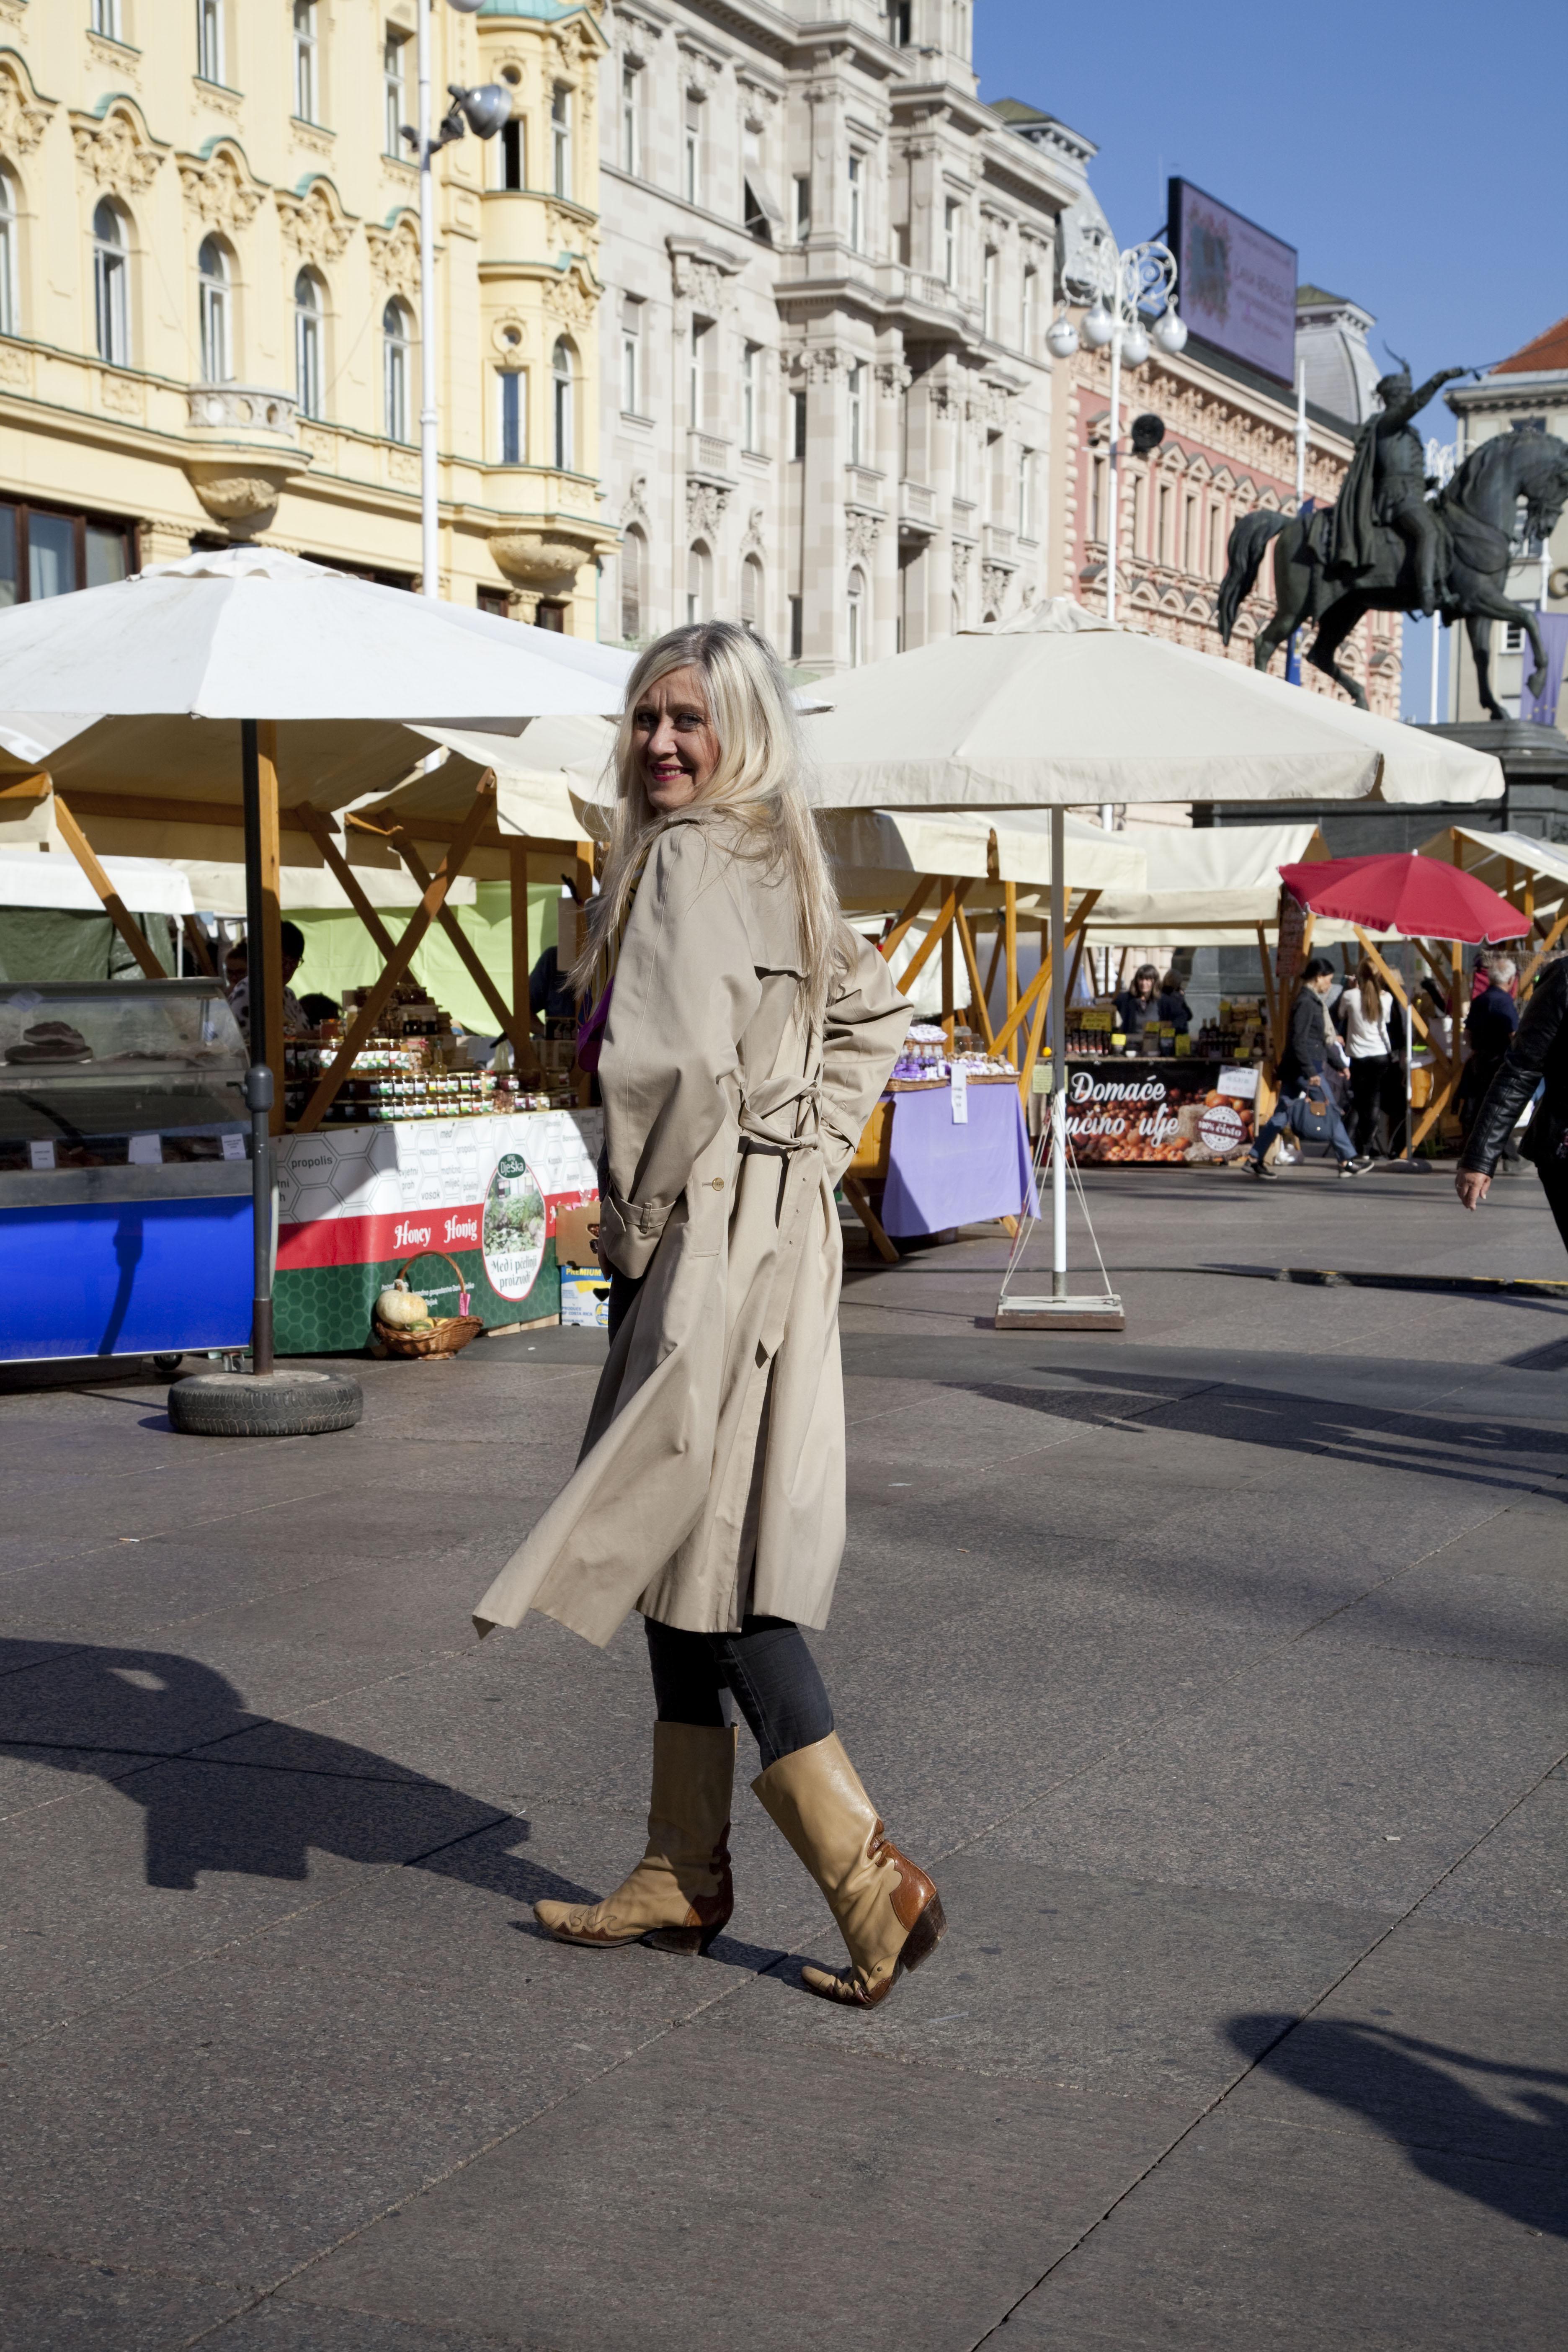 Mantil odjenula da čim više nalik bude recimo Tinu ili Krleži, makar mantila radi – Jelena Remetin / Snimio Davor Mezak